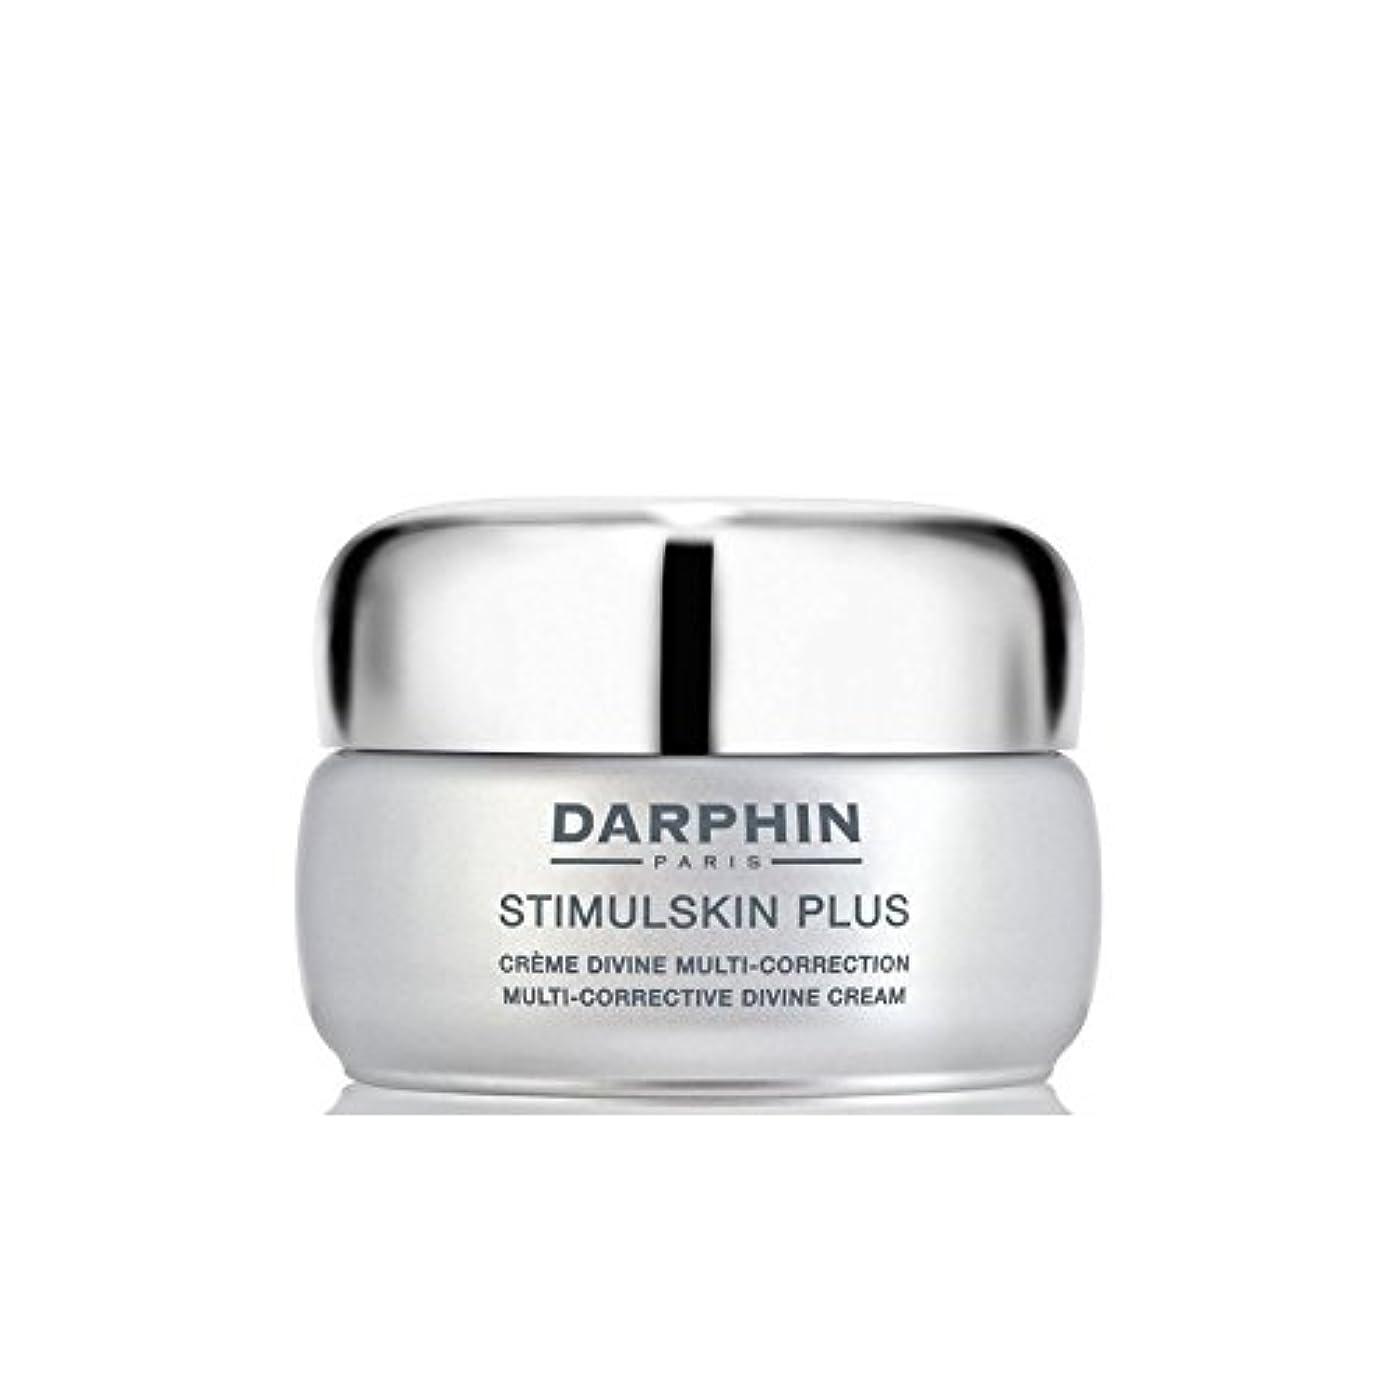 影響力のあるバンカー引き受けるDarphin Stimulskin Plus Multi-Corrective Divine Cream - ダルファンスティプラスマルチ是正神のクリーム [並行輸入品]